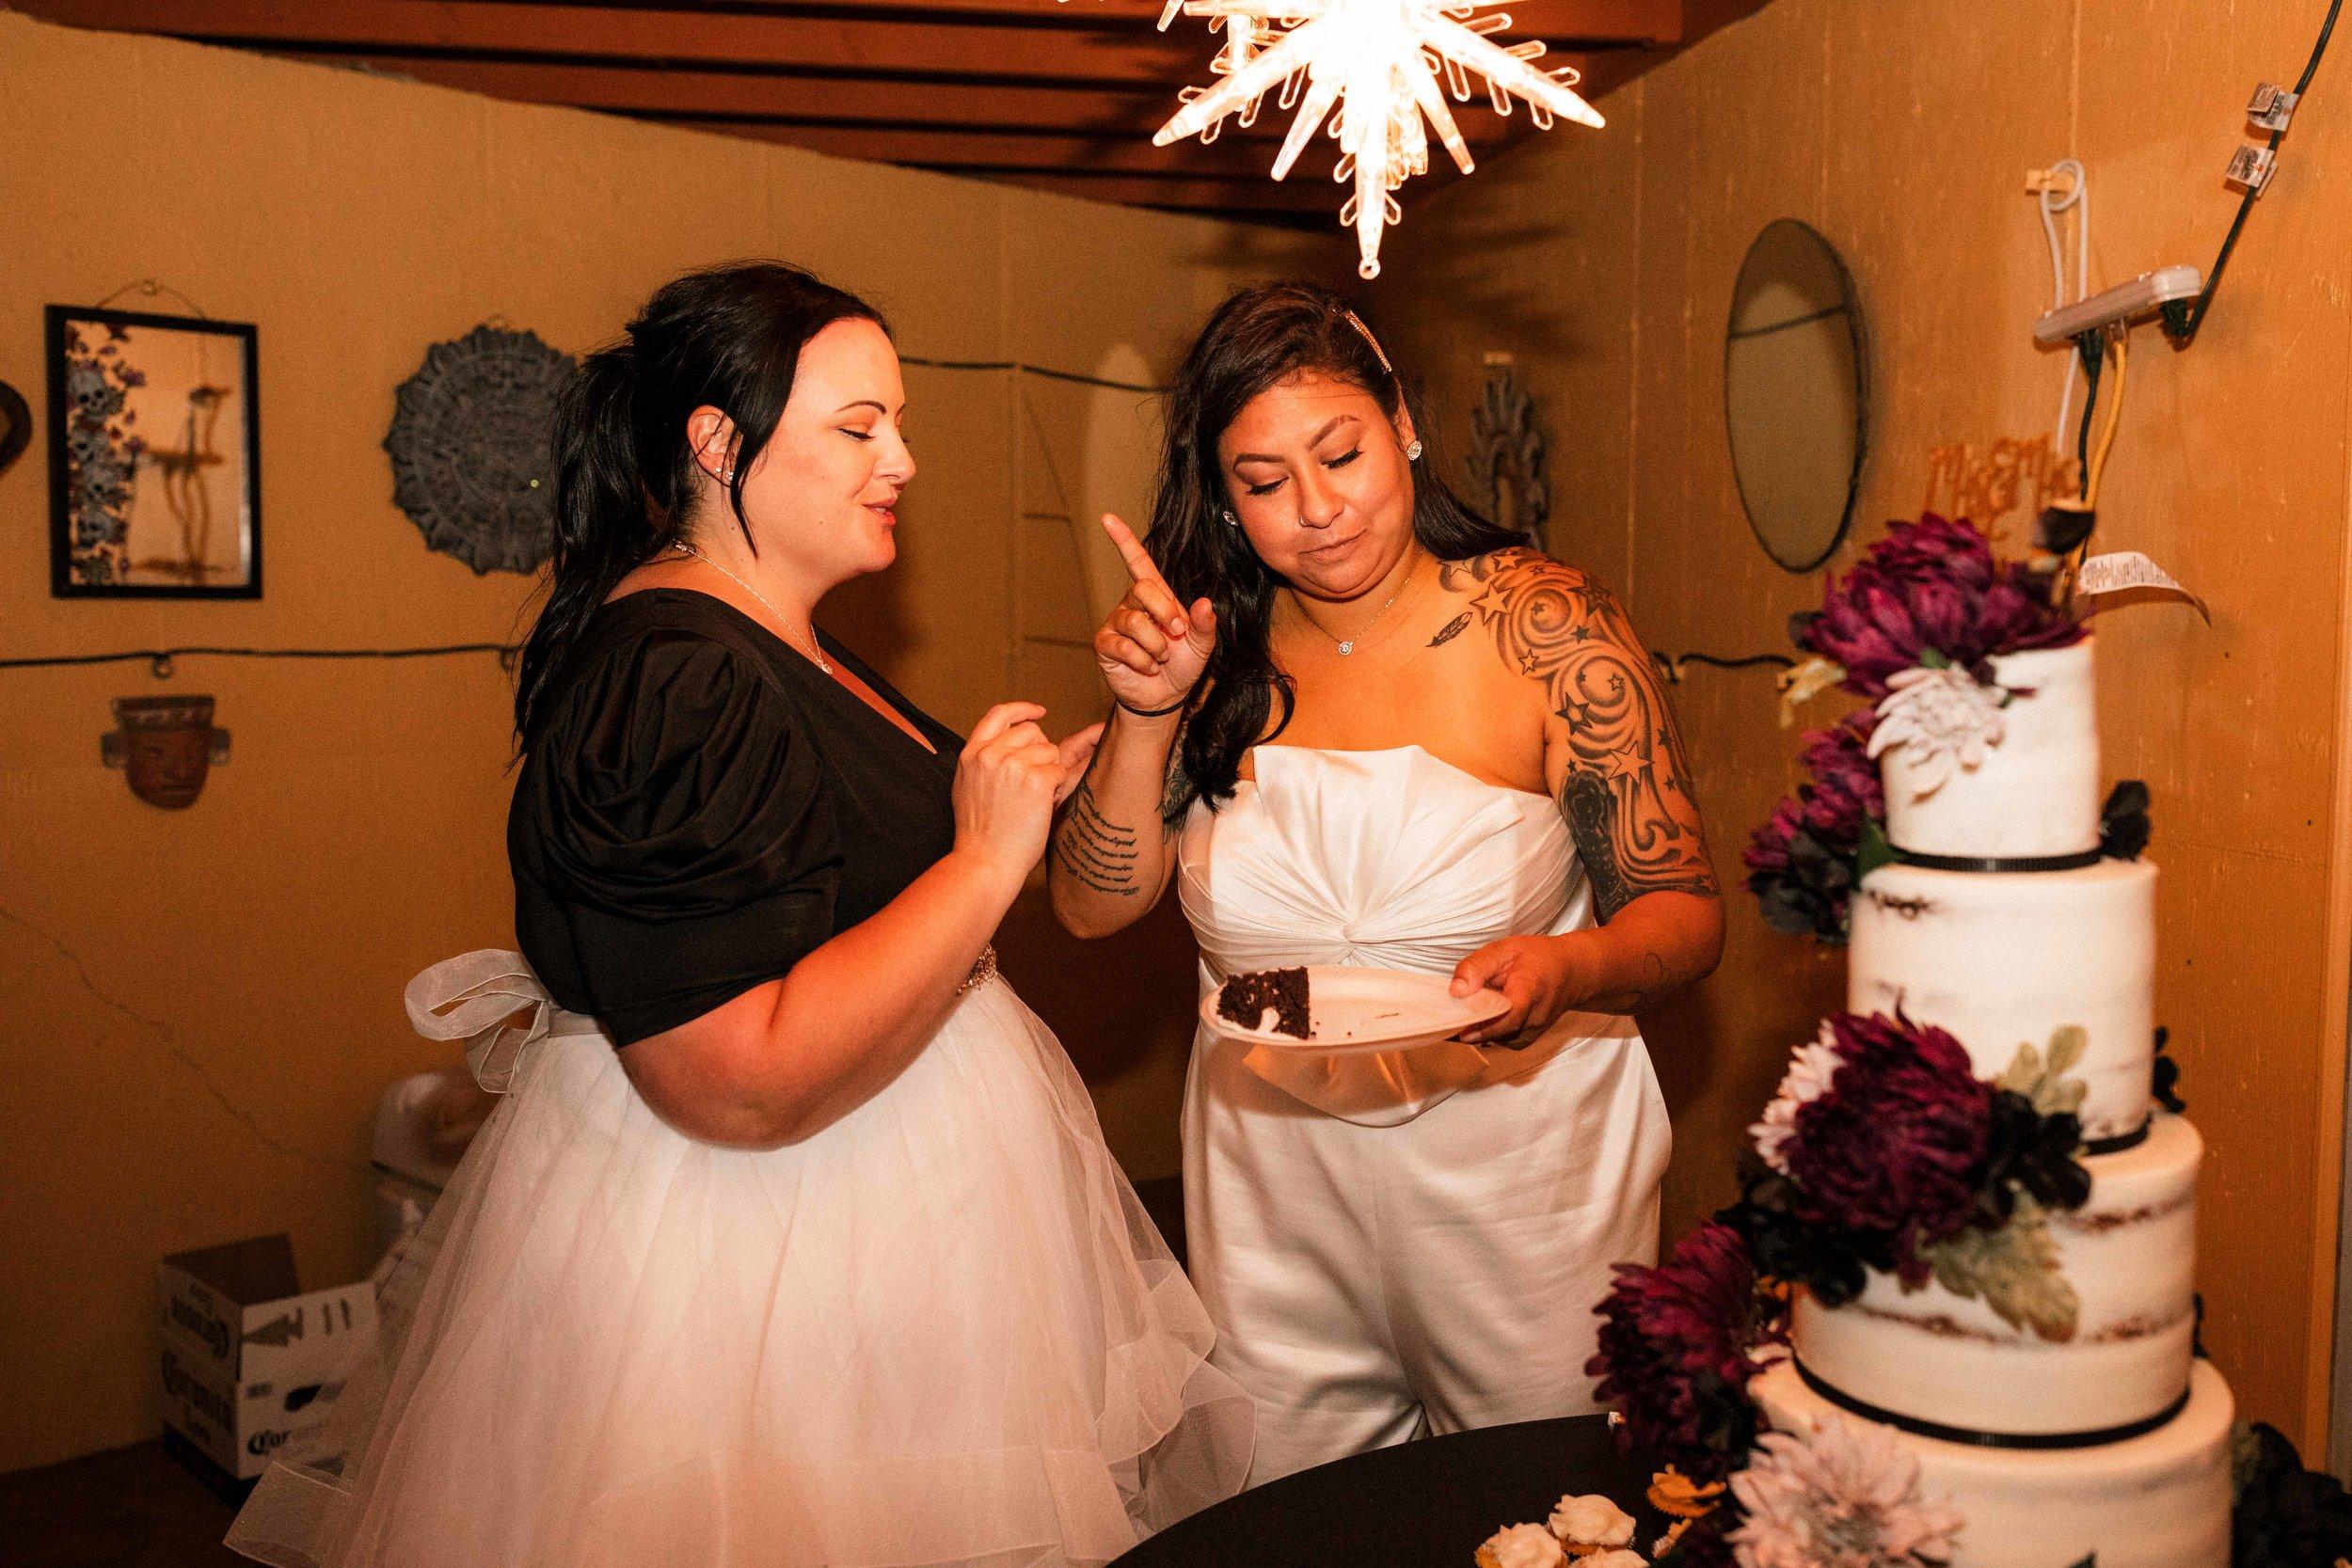 pasco-wedding-photos-67.jpg